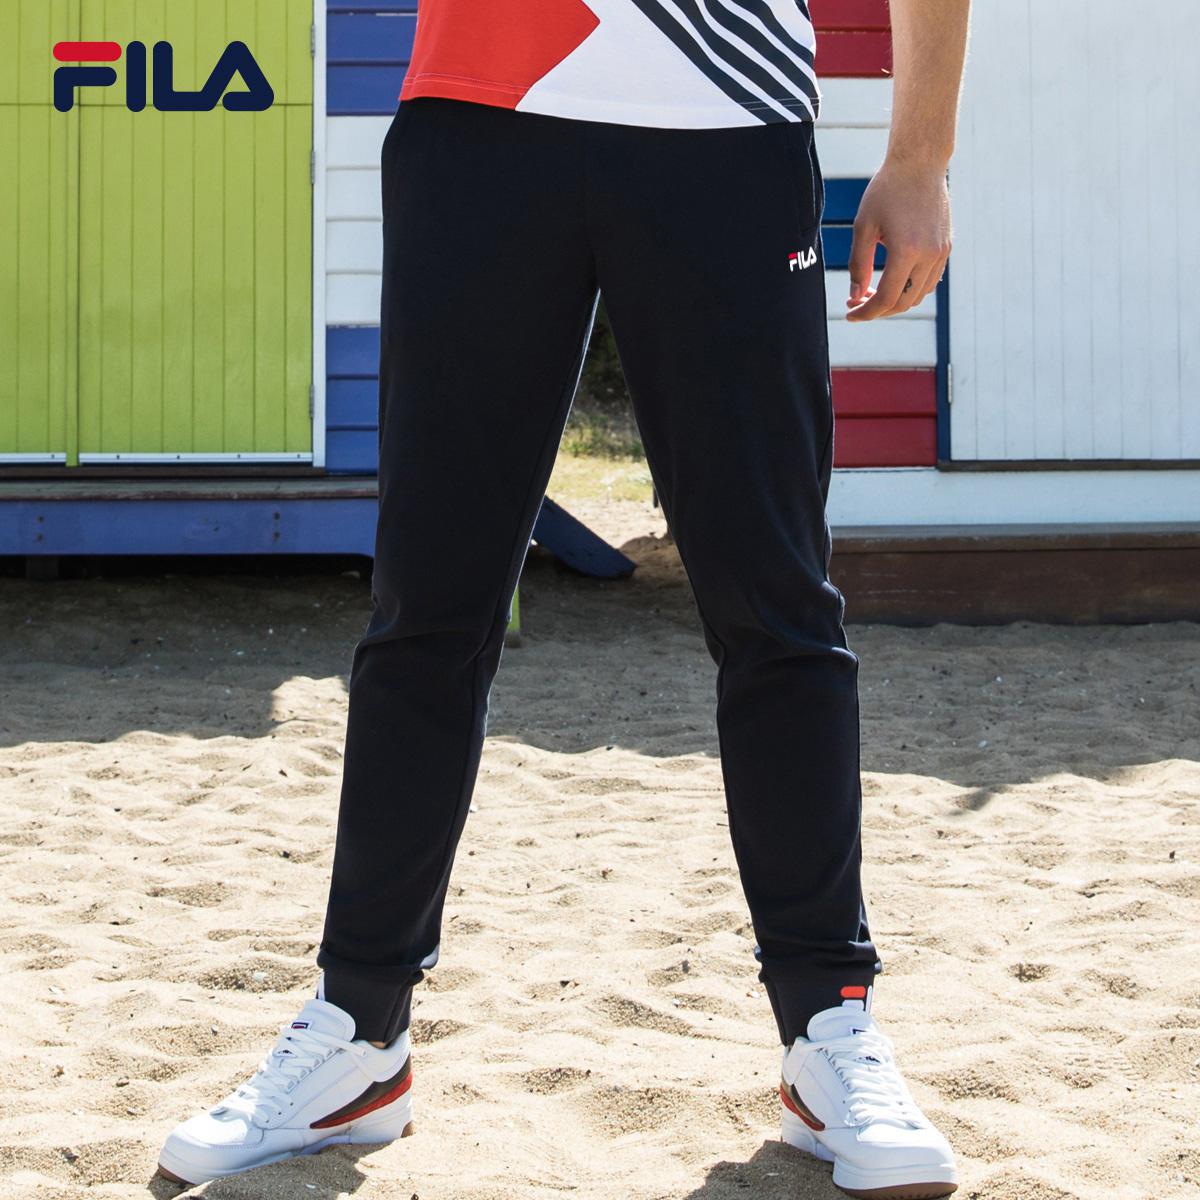 FILA斐乐男长裤2018官方正品街头潮范复古时尚棉质运动长裤男